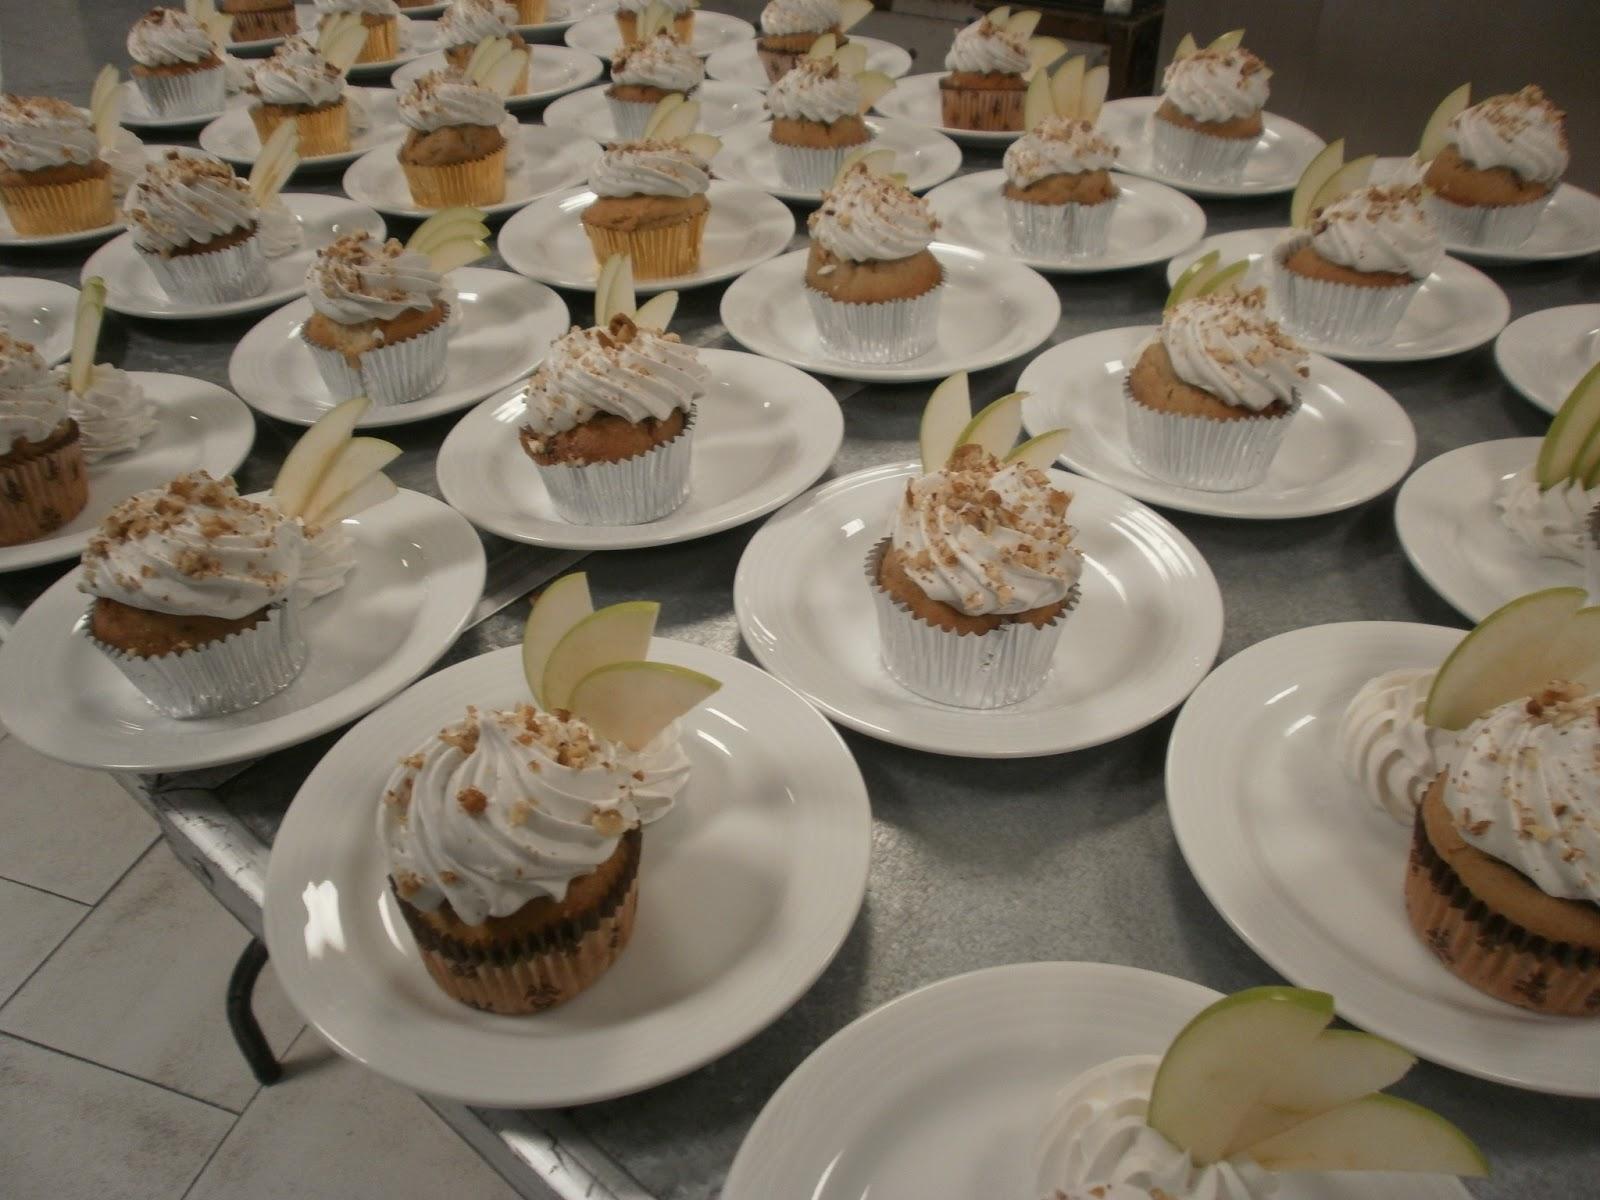 Pastel De Bodas: Almendra Y Cafe: Pastel De Bodas Con Cupcakes